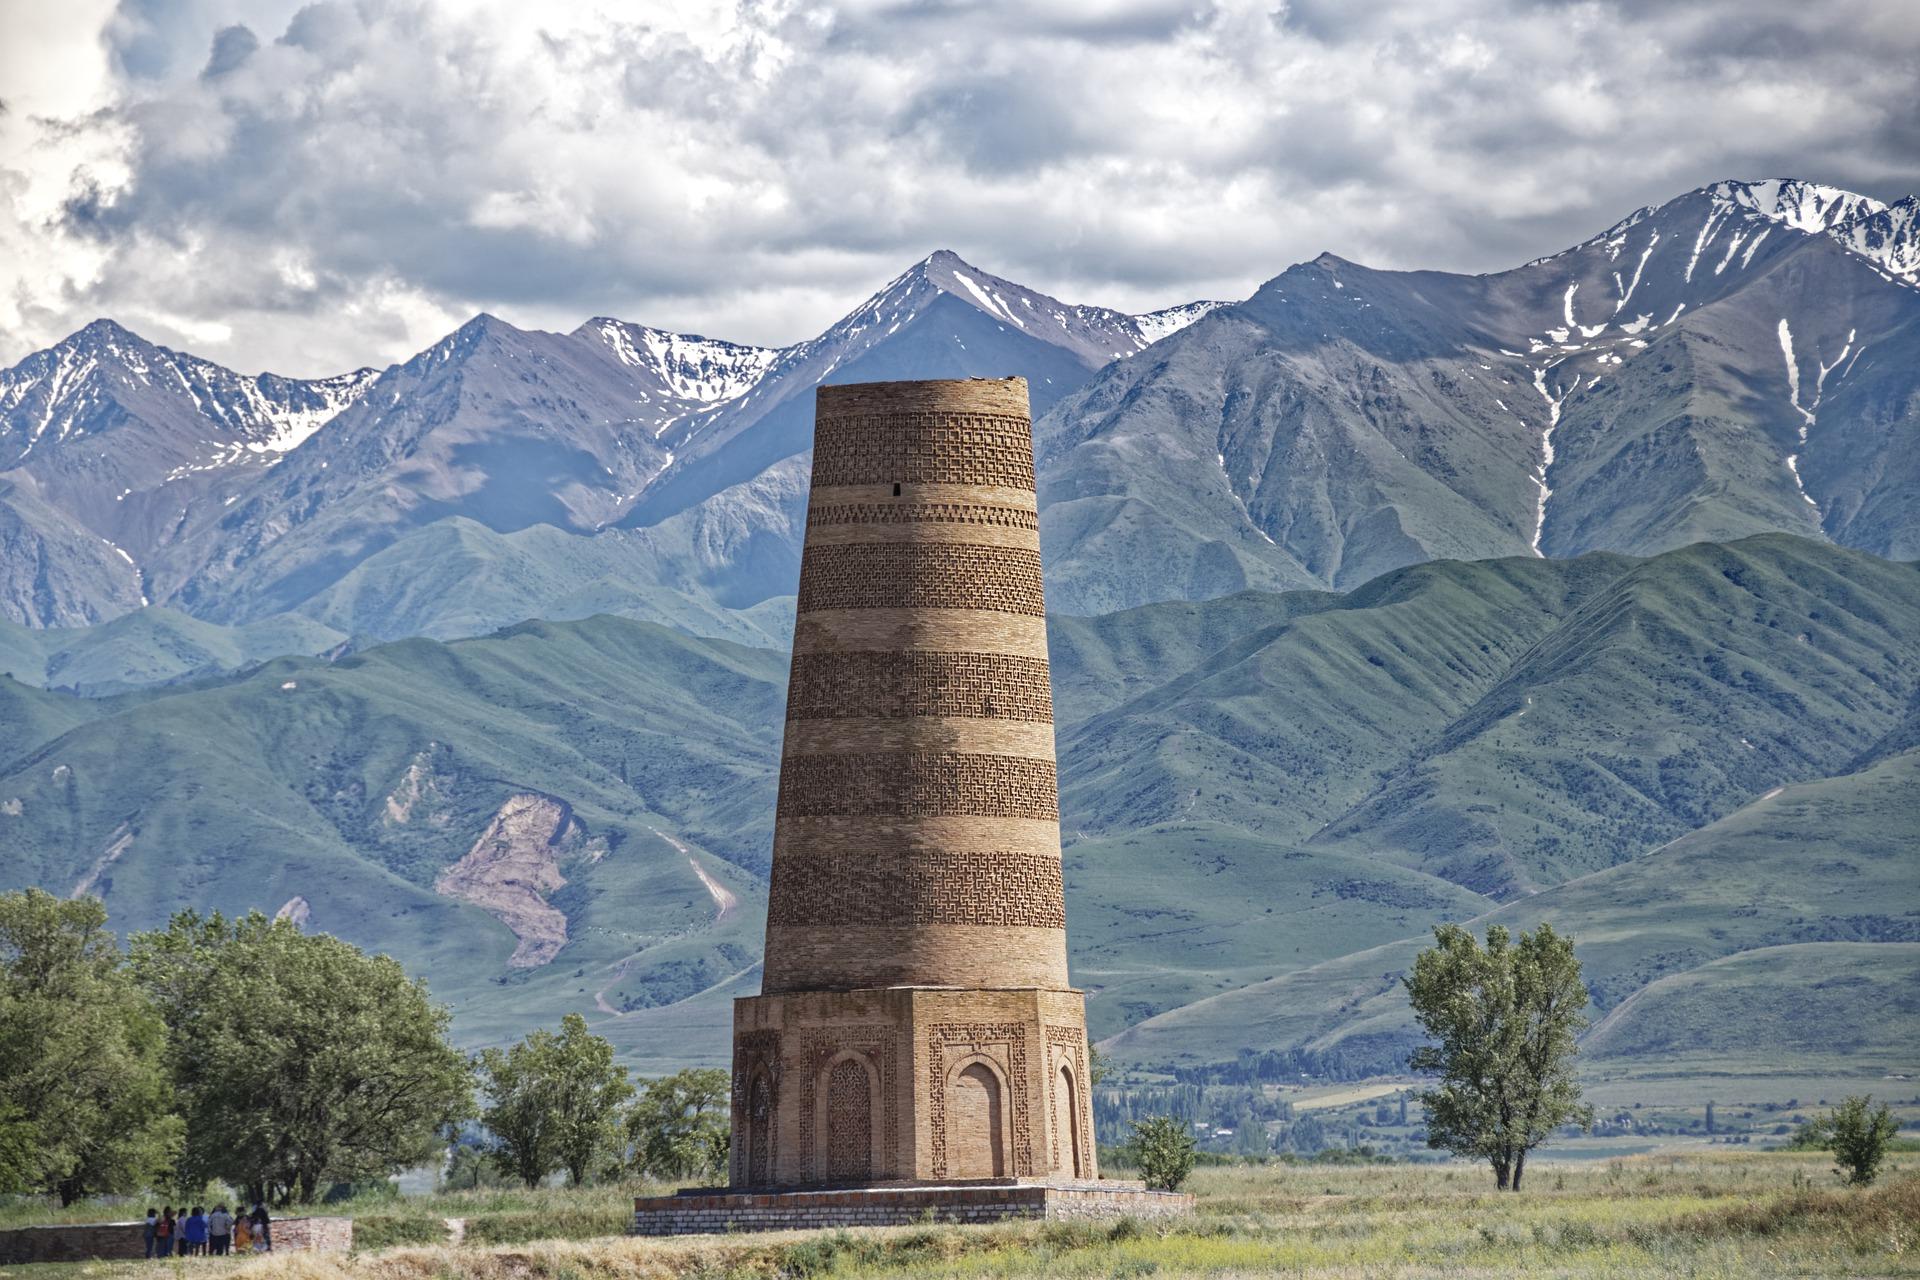 السياحة في قيرغيزستان- أهم المزارات السياحية وأشهر الأكلات